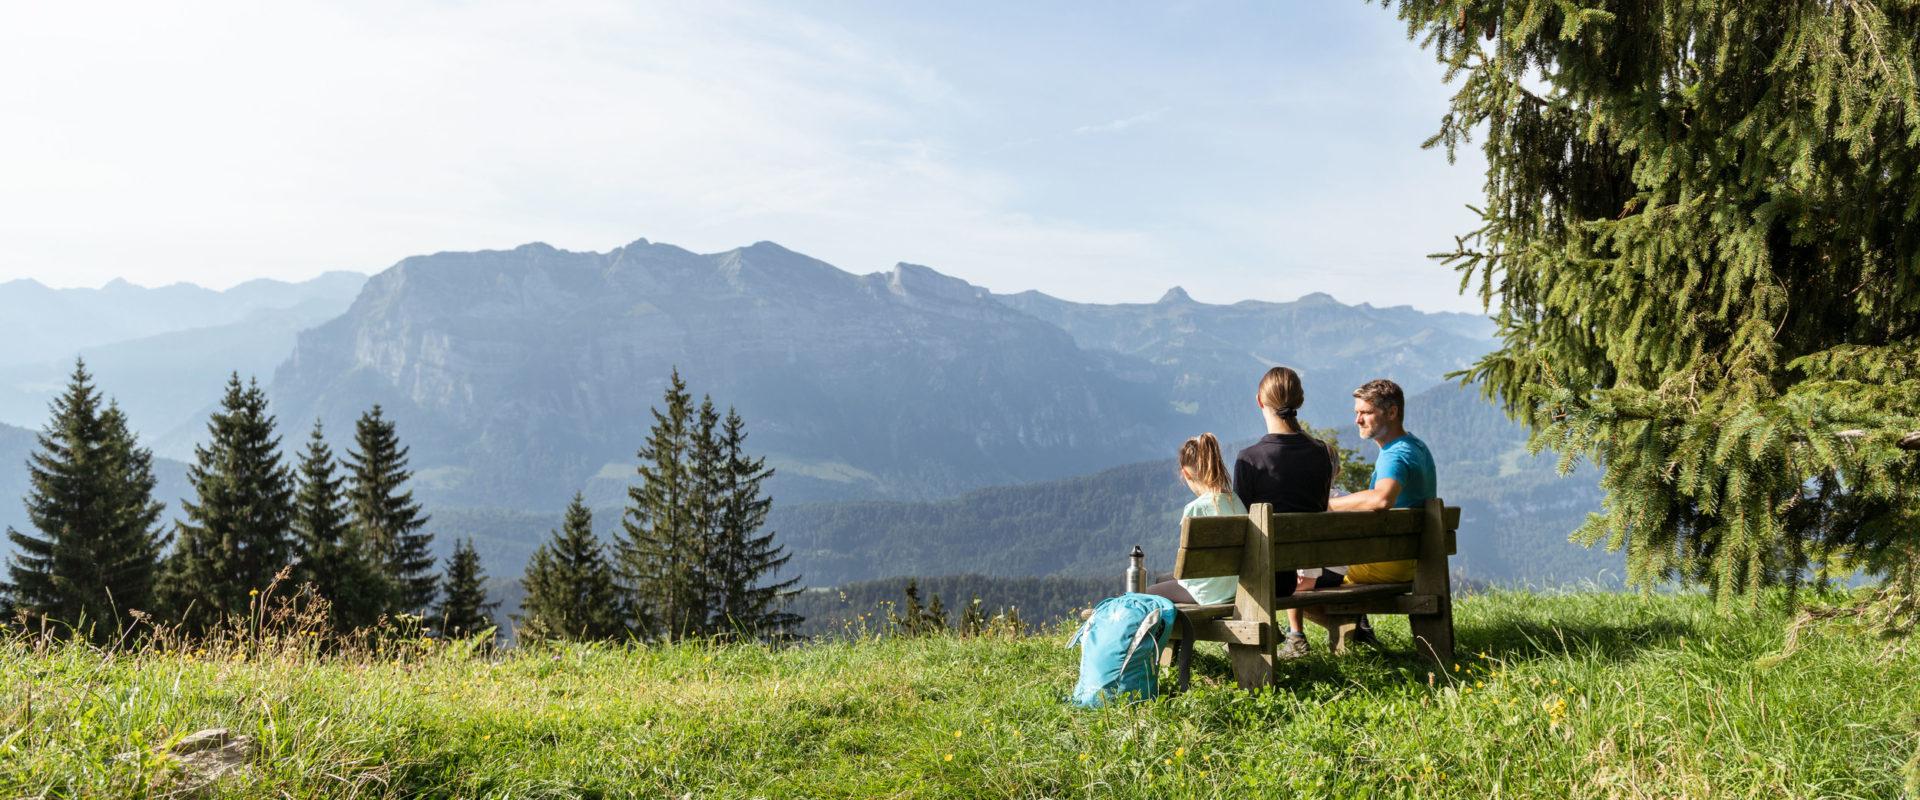 Familienfreundliche Wanderungen Bregenzerwald In Vorarlberg